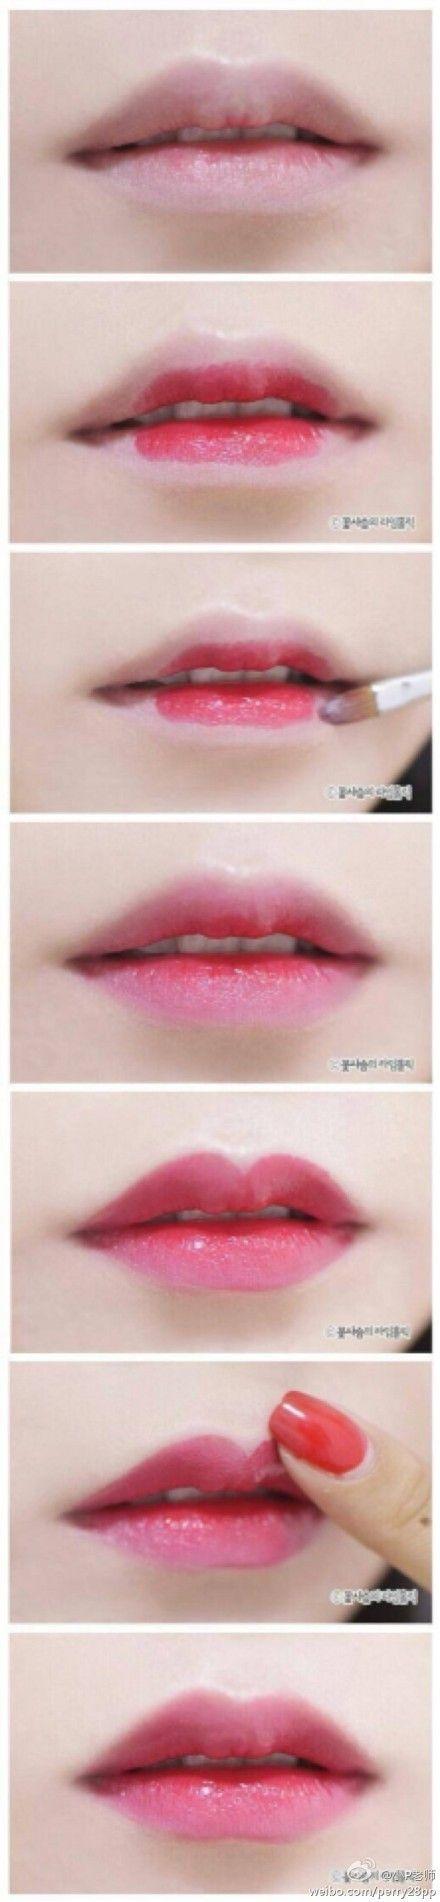 想不想像韩剧女主角一样拥有楚楚可怜的唇妆...@Kaya●阿肆采集到教◆程(117图)_花瓣数据图